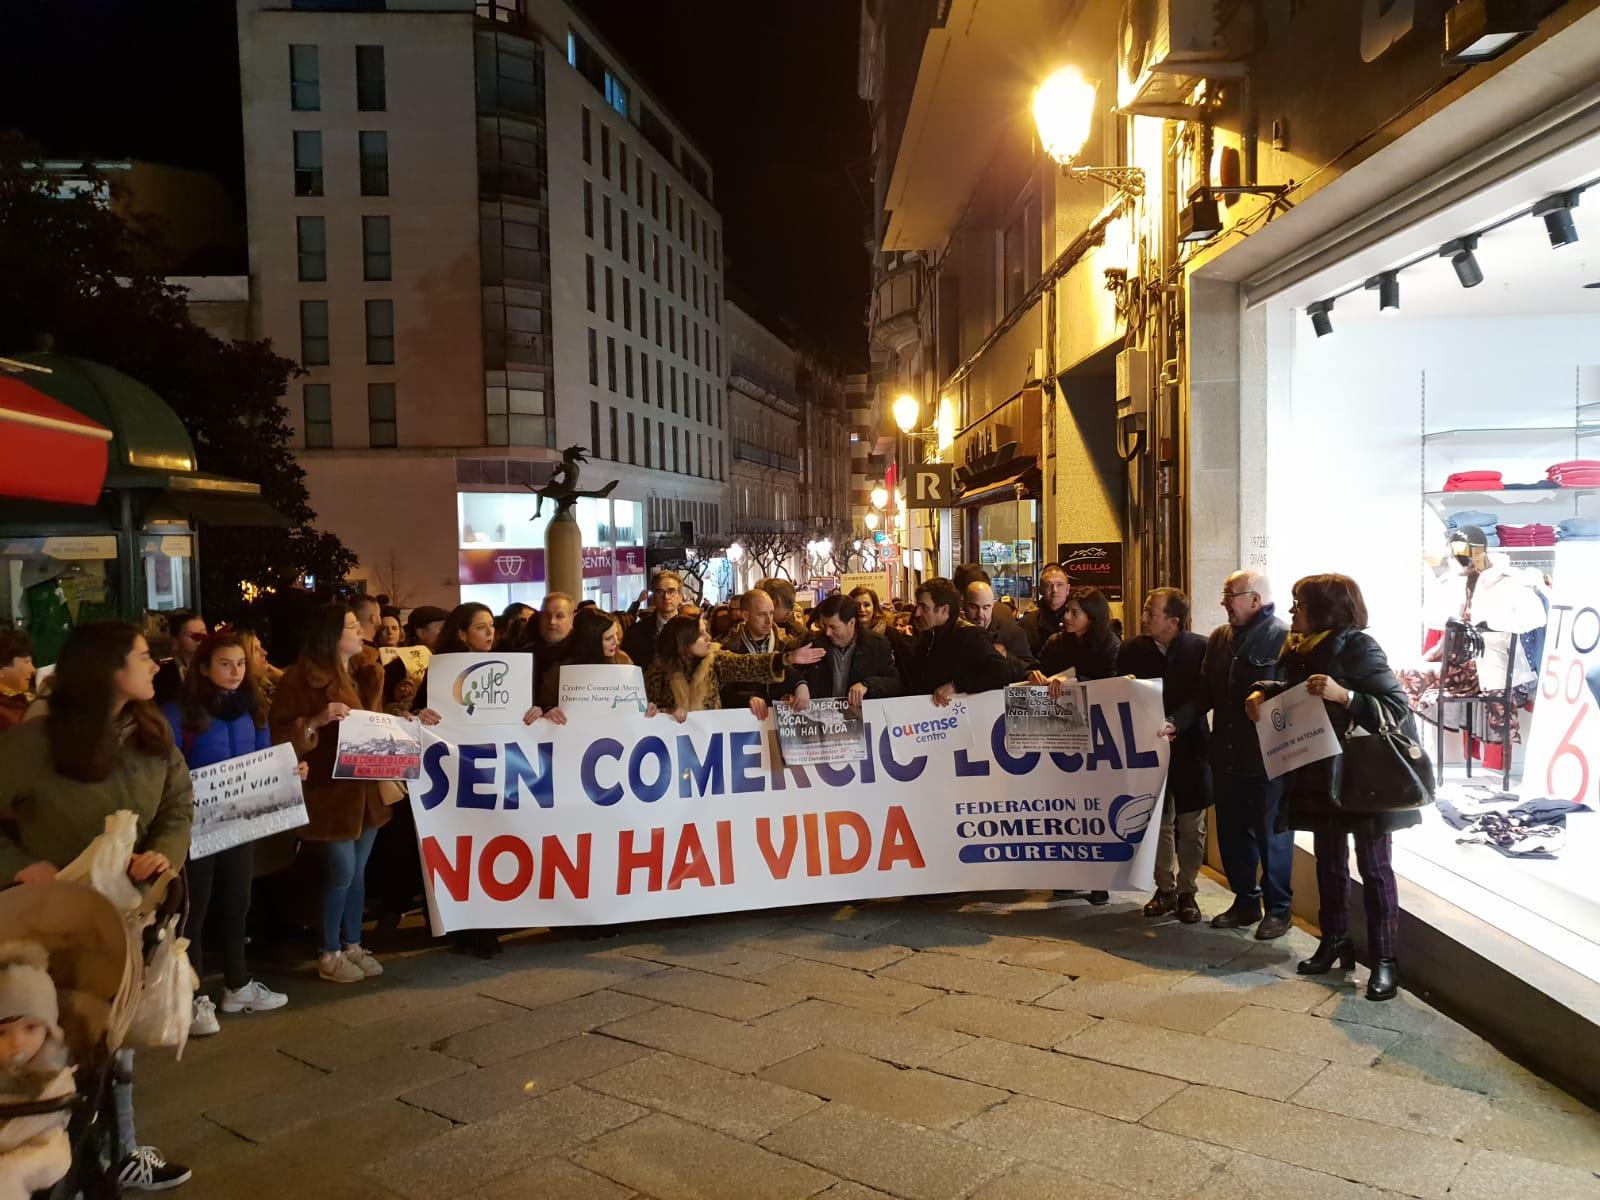 Manifestación ourense apoyo al comercio local